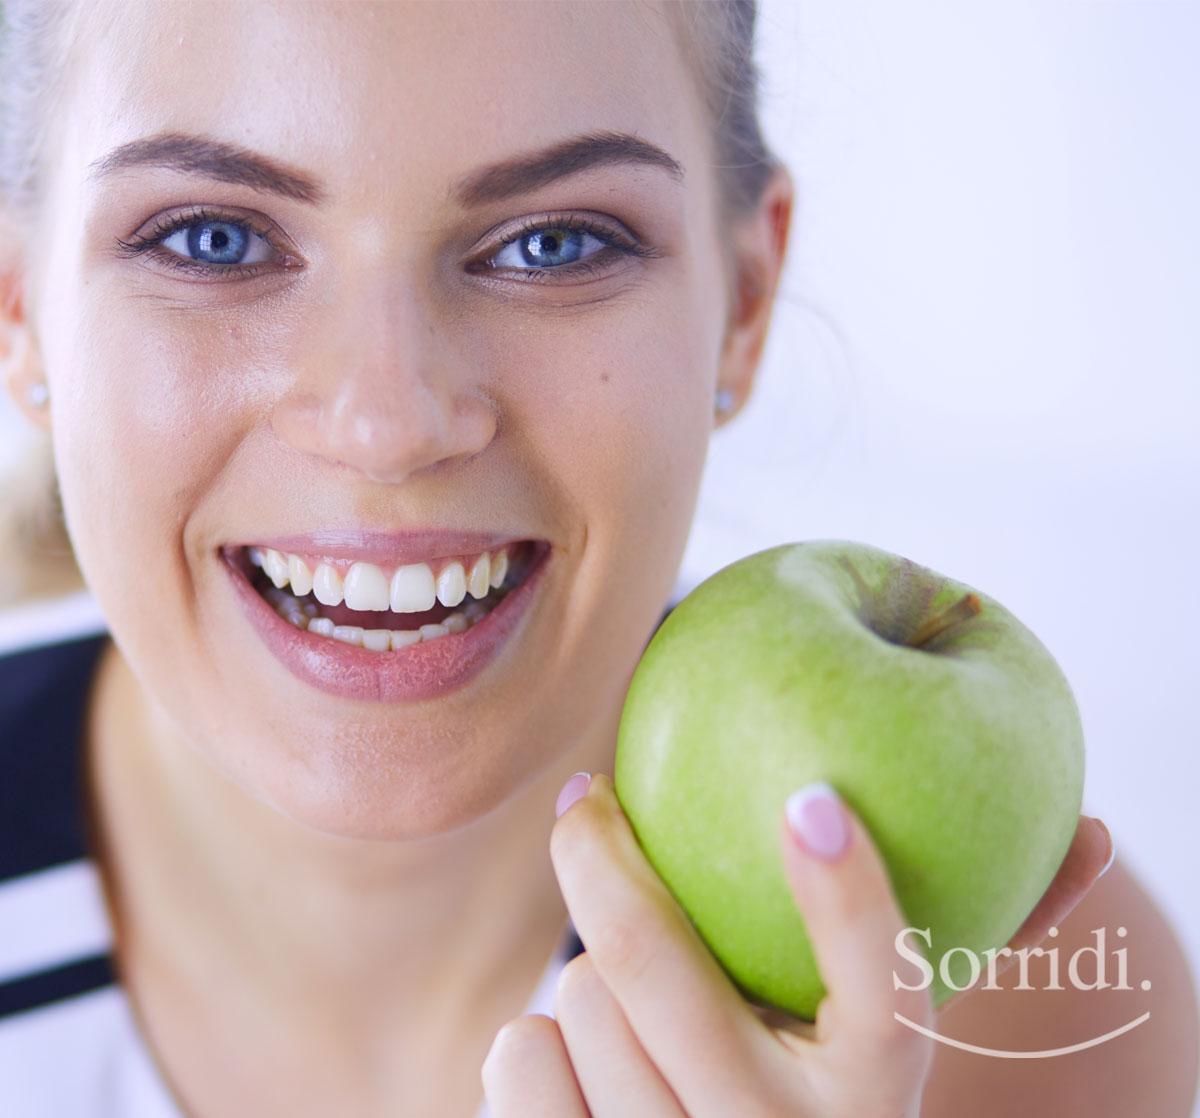 Sorridi-ch-magazine-sbiancamento-dei-denti